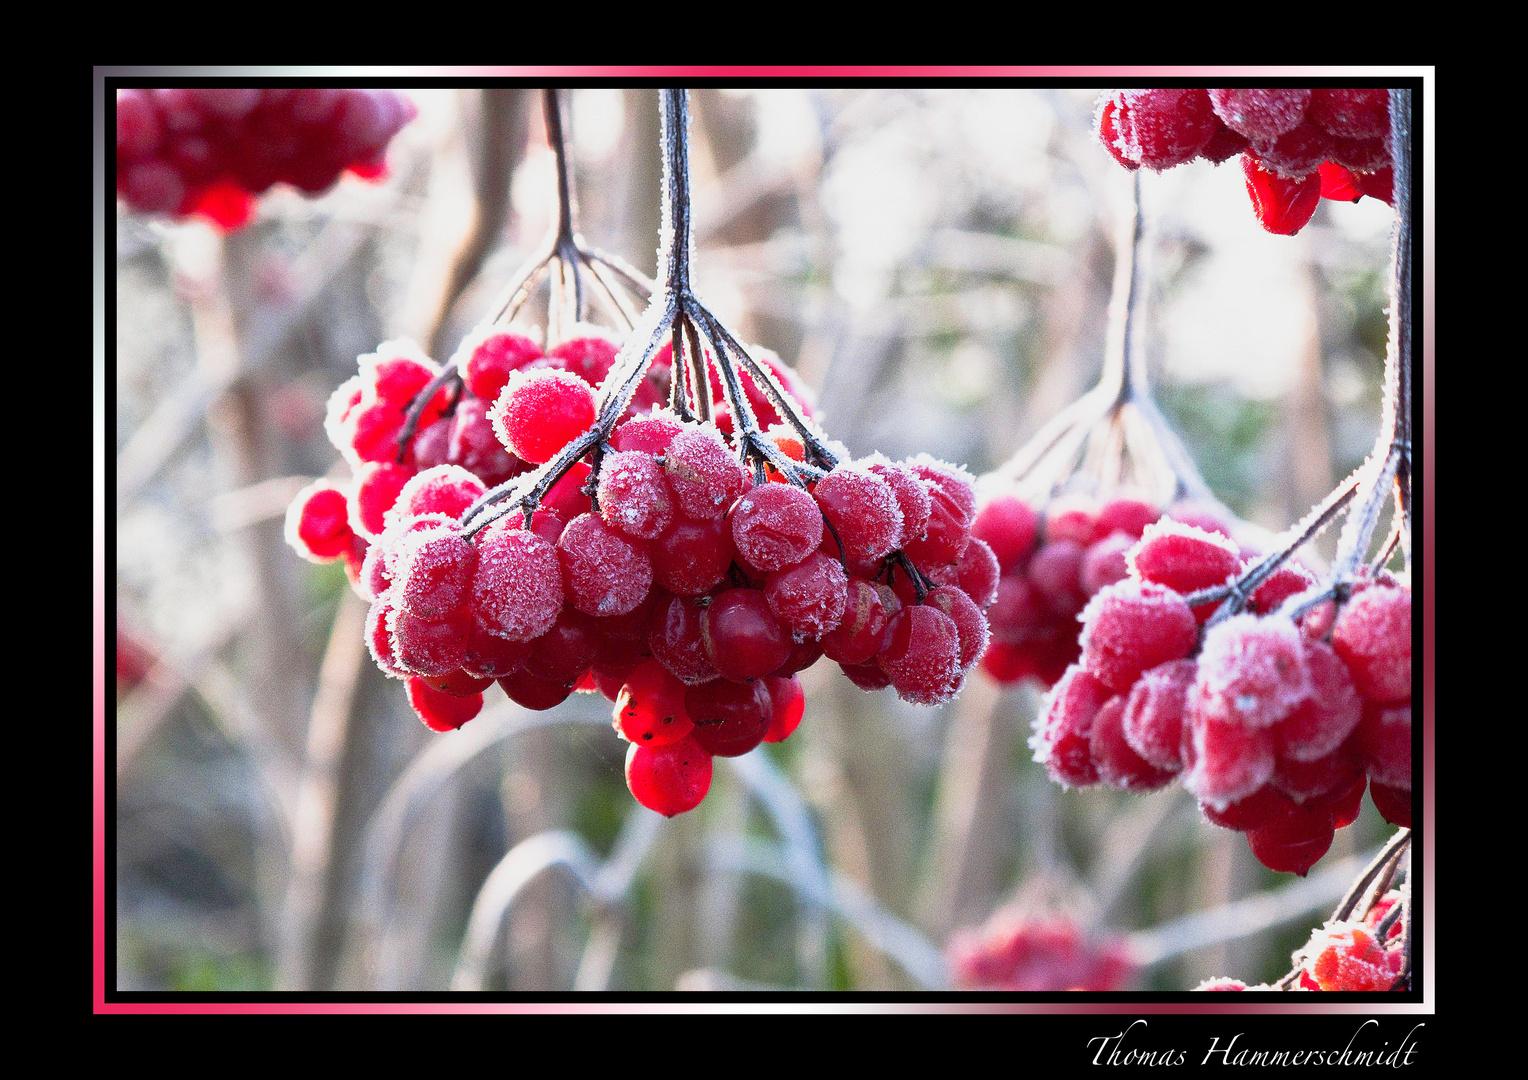 Kalte Früchte